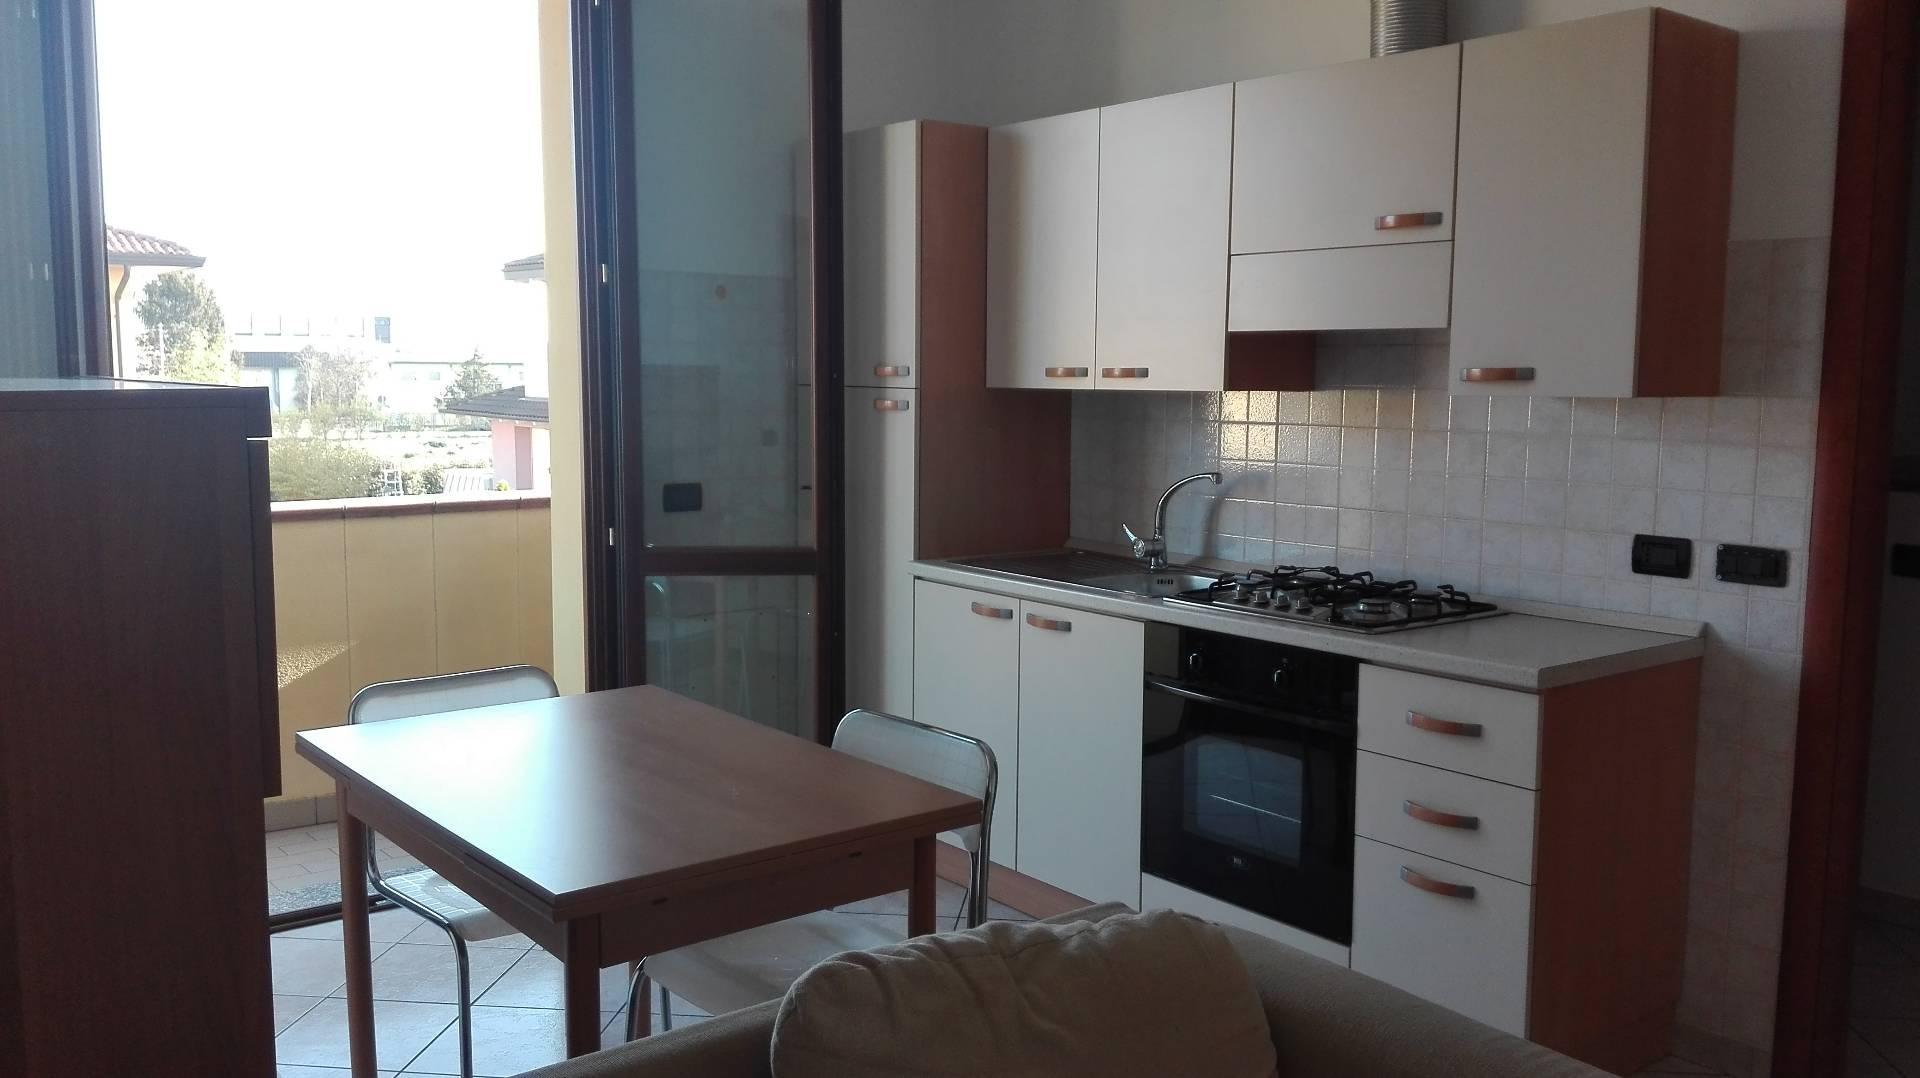 Villa in vendita a Sant'Agata sul Santerno, 4 locali, prezzo € 105.000 | Cambio Casa.it